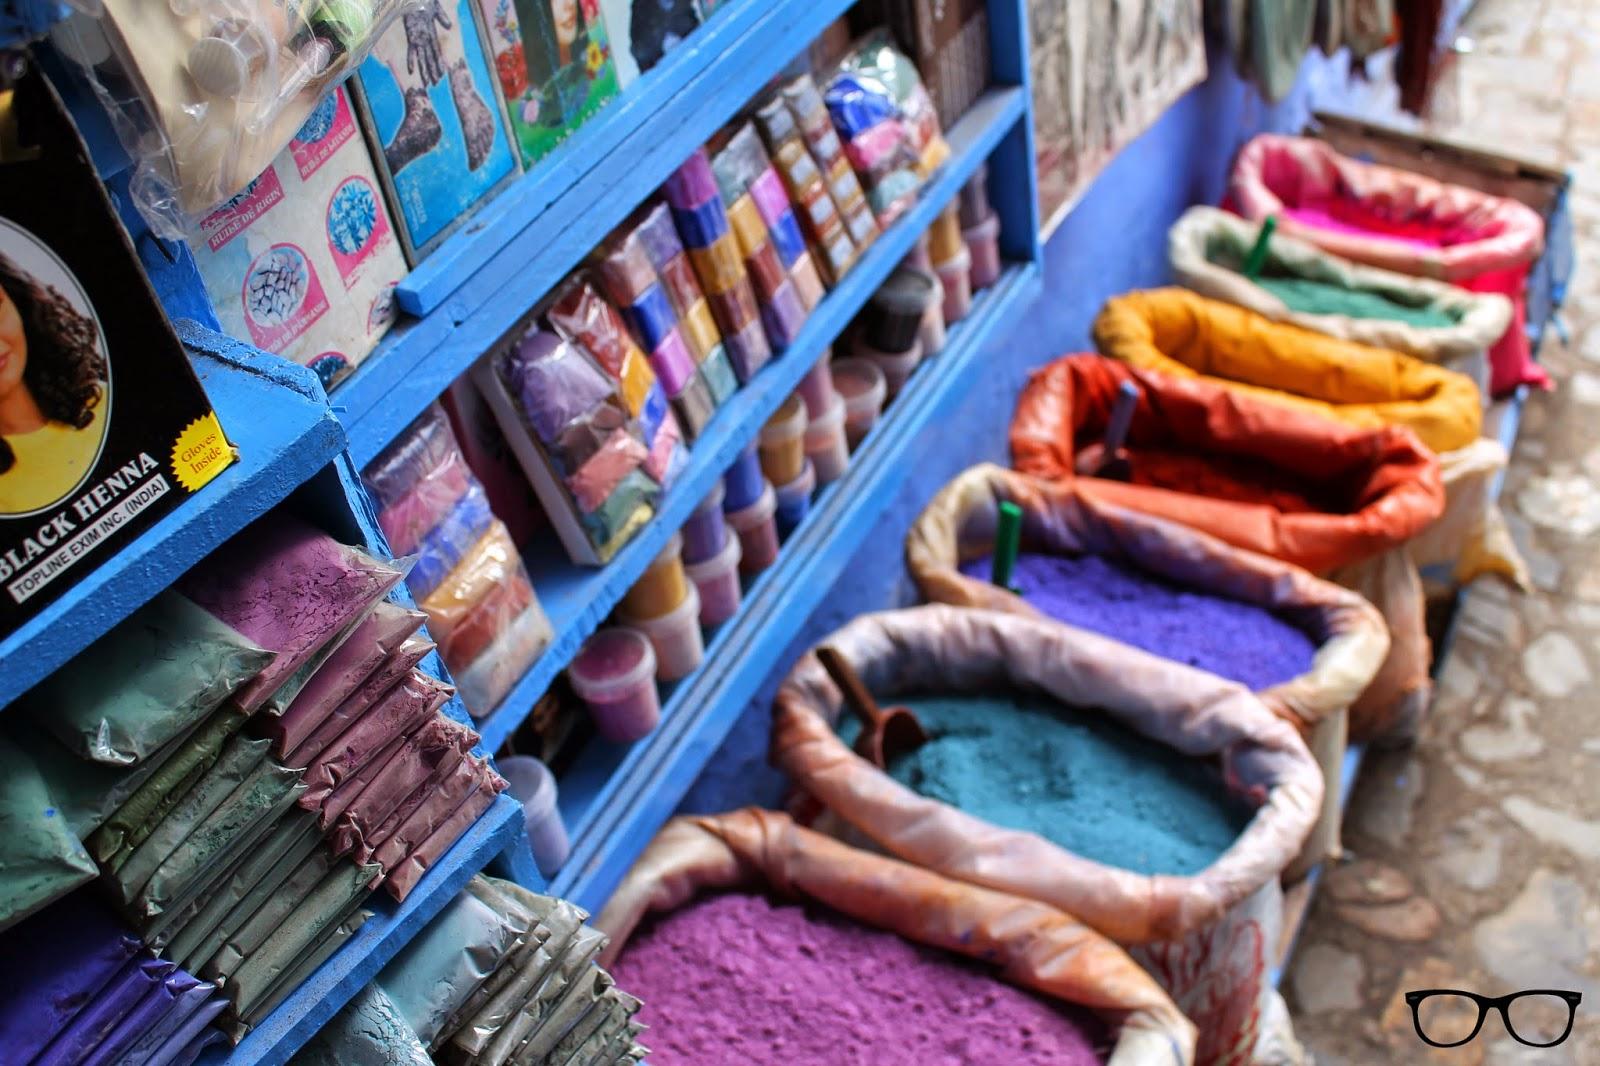 Marejadilla en albor n chaouen la ciudad azul - Casas marroquies ...